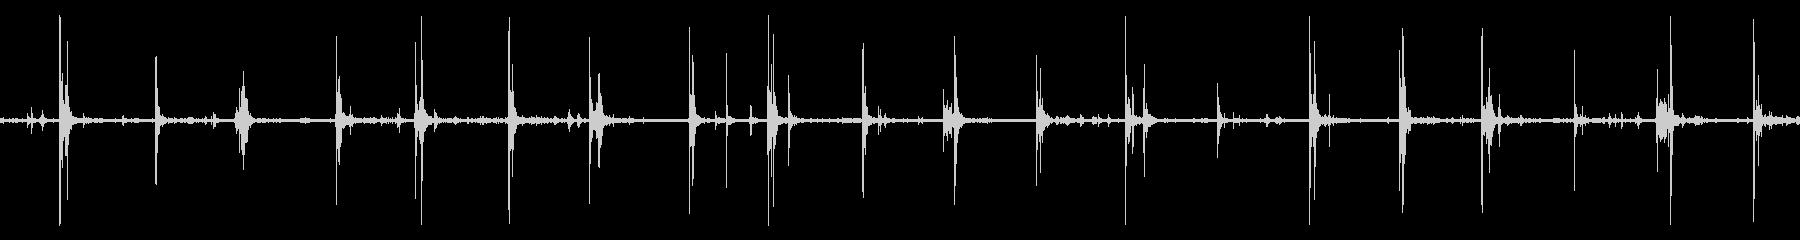 硬質表面ループ上の馬の足跡の未再生の波形